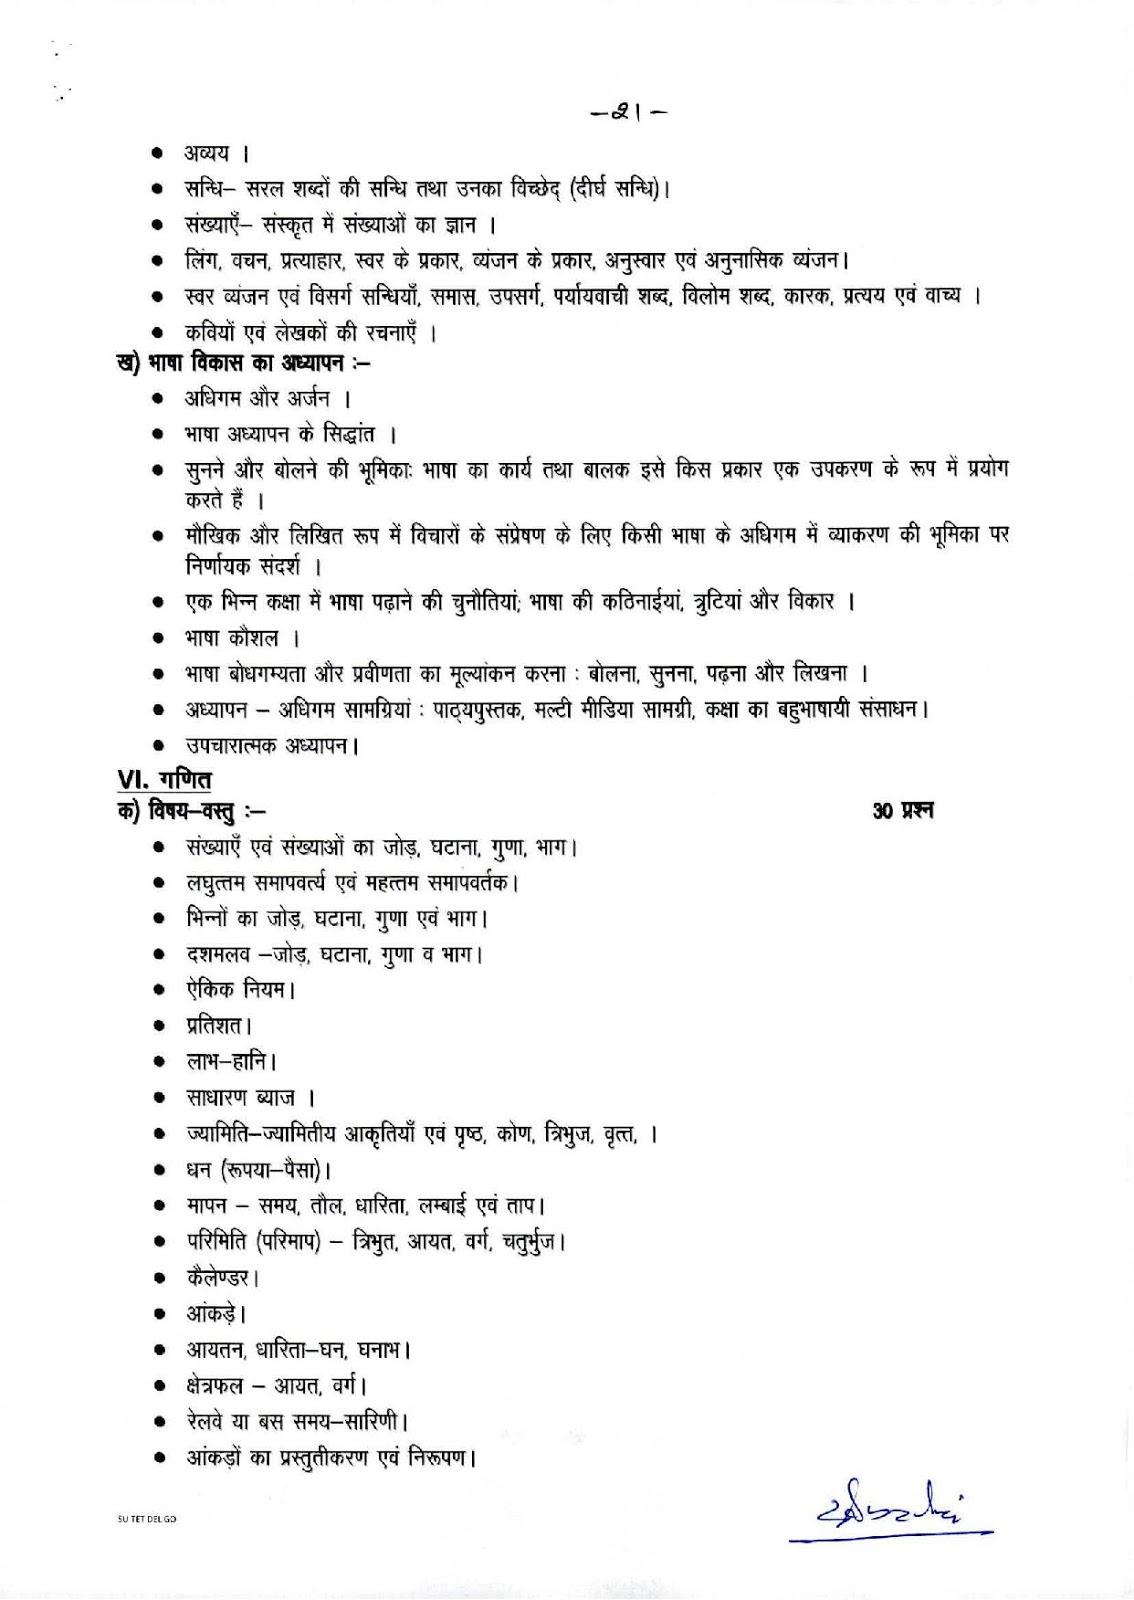 प्राथमिक स्तर पेपर-I (कक्षा 1 से 5 तक) पाठ्यक्रम देखे - 5